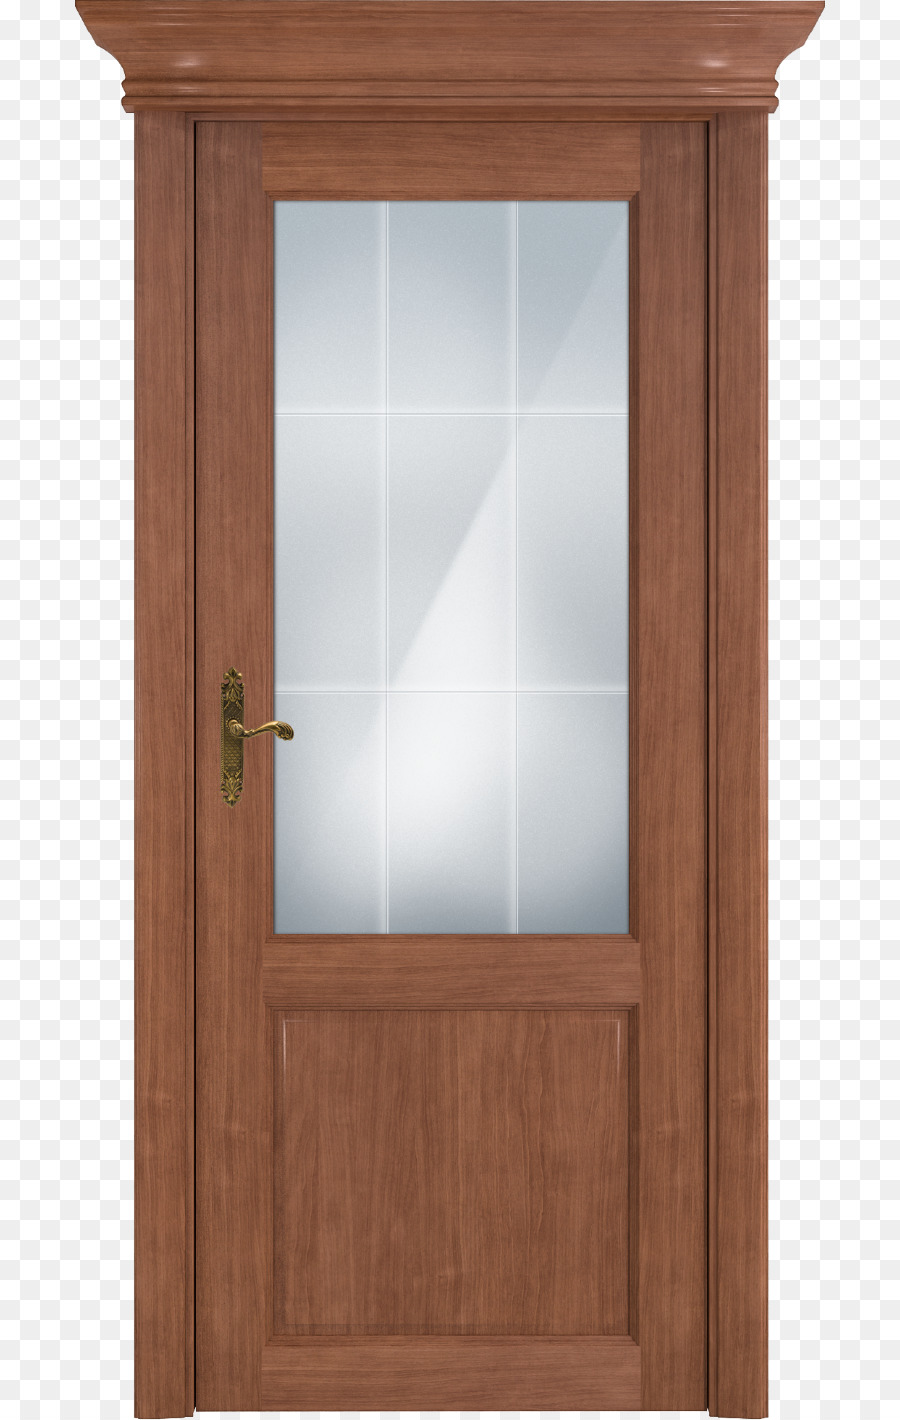 Minsk Door Oak Stained Glass Door Png Download 7501419 Free